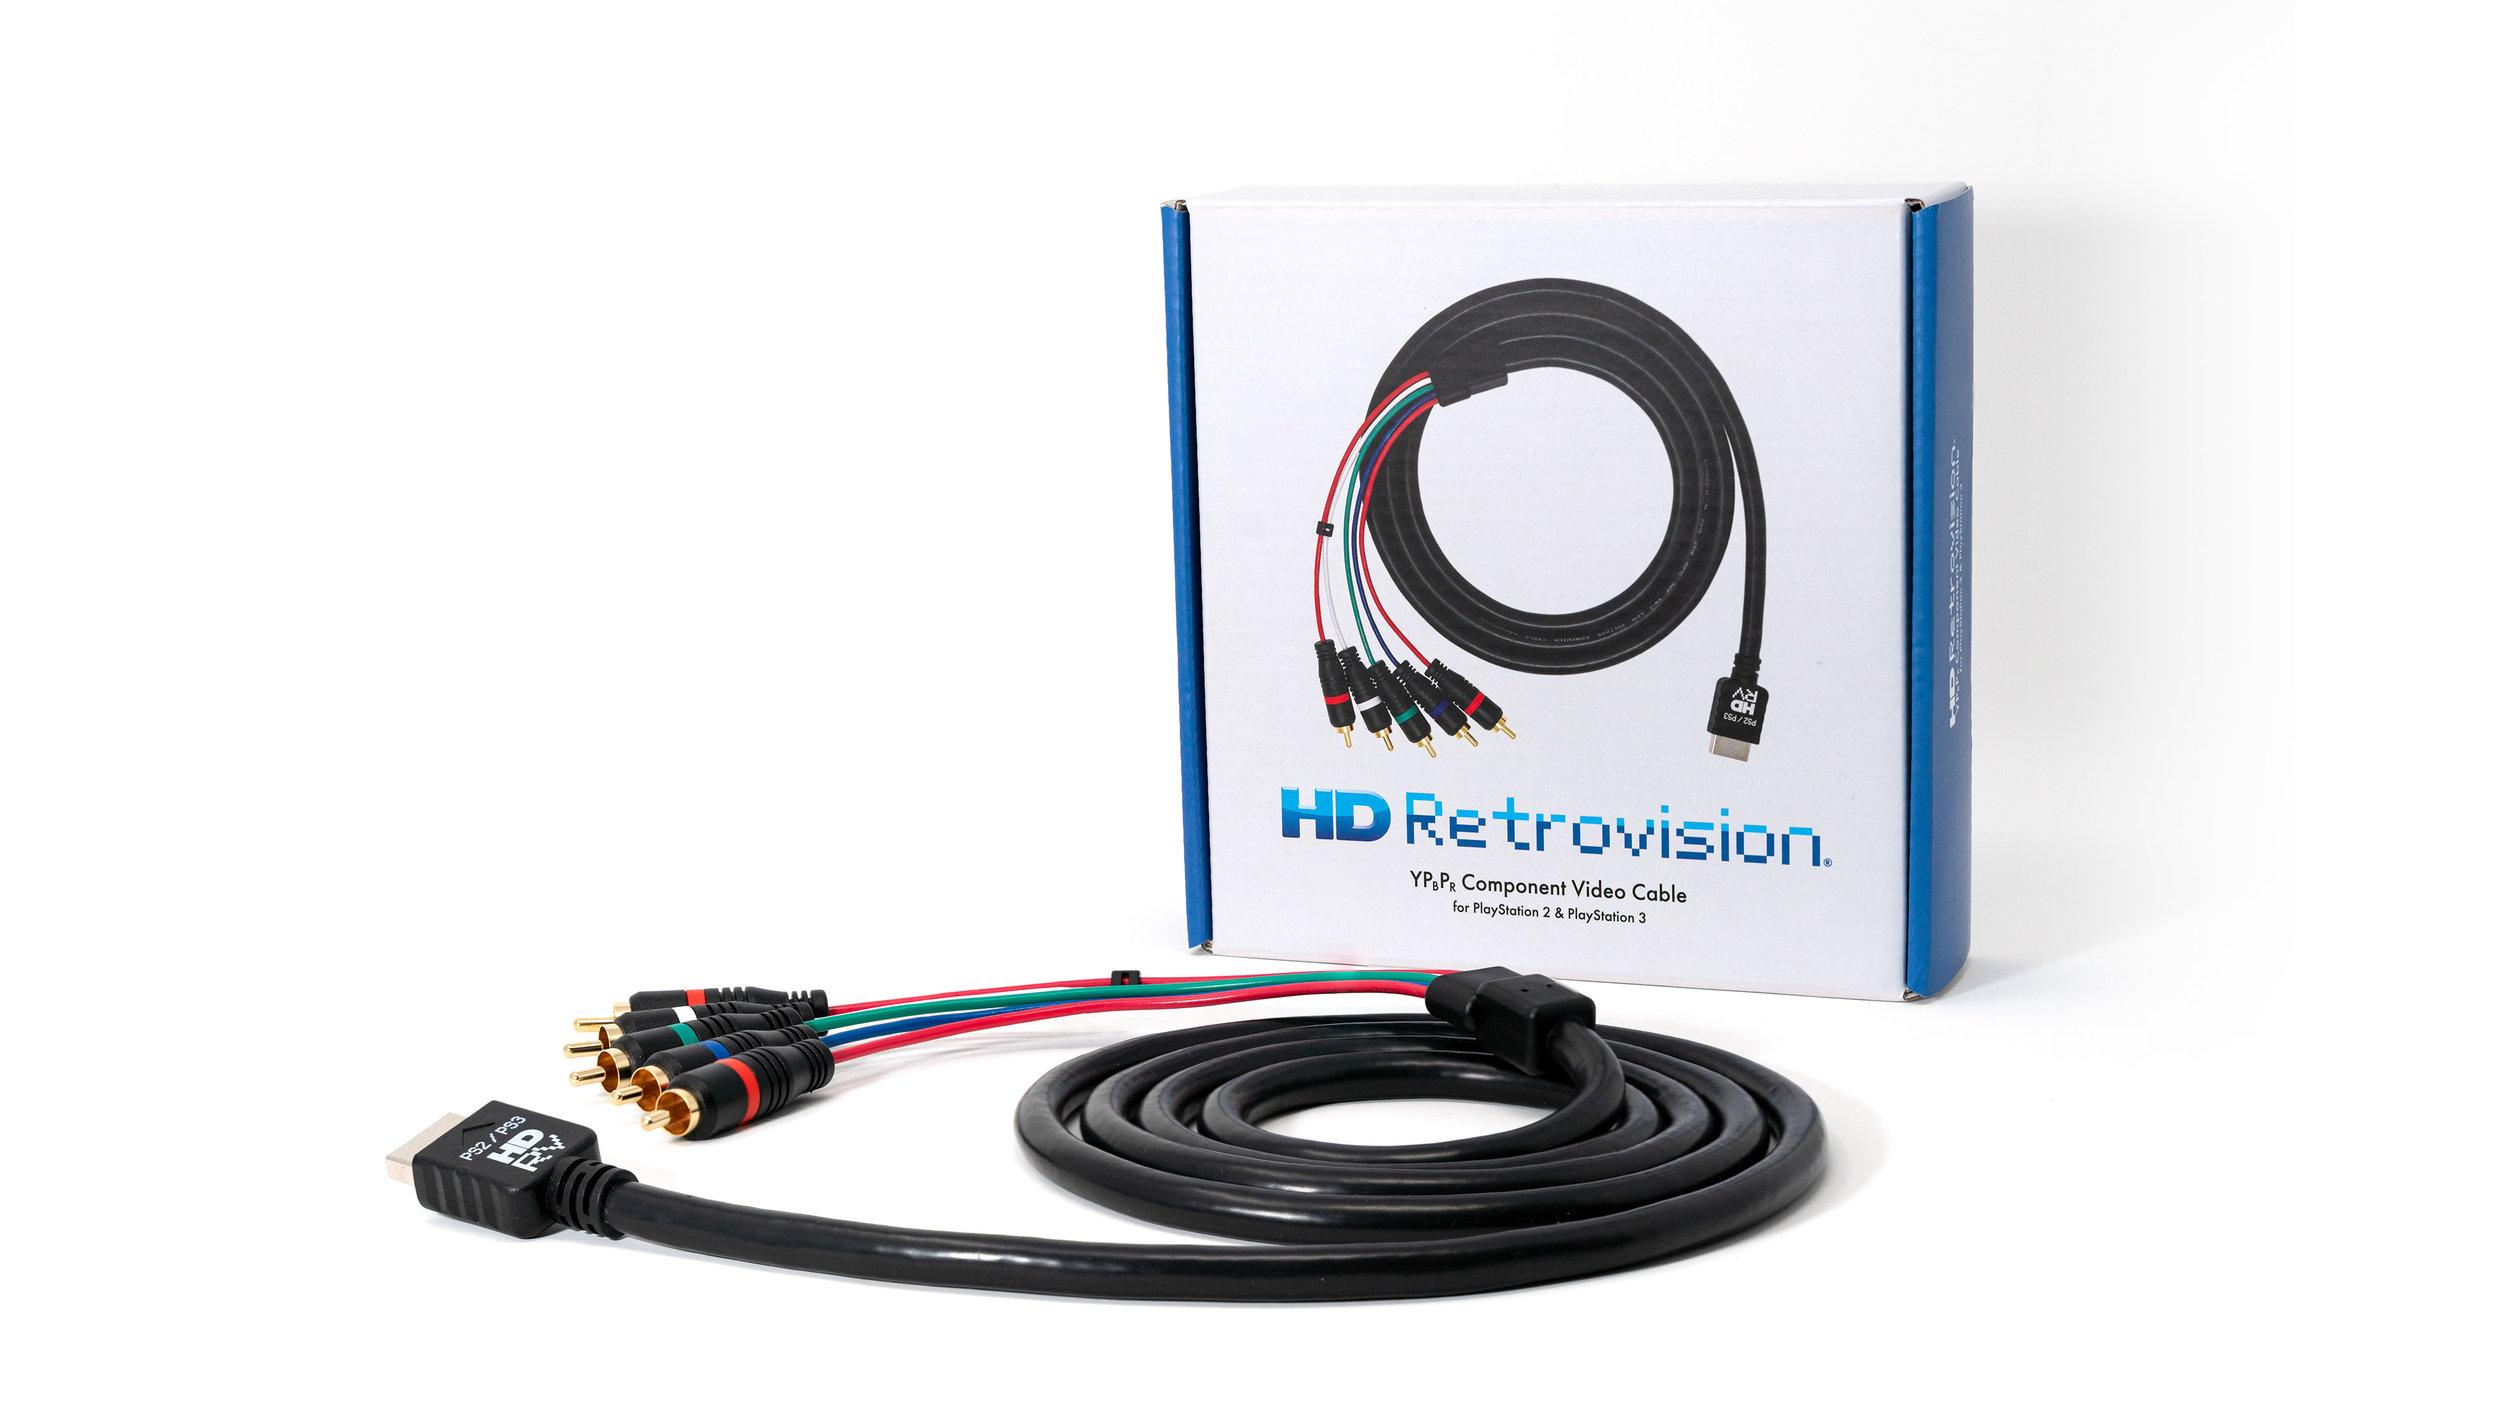 PlayStation — HD Retrovision